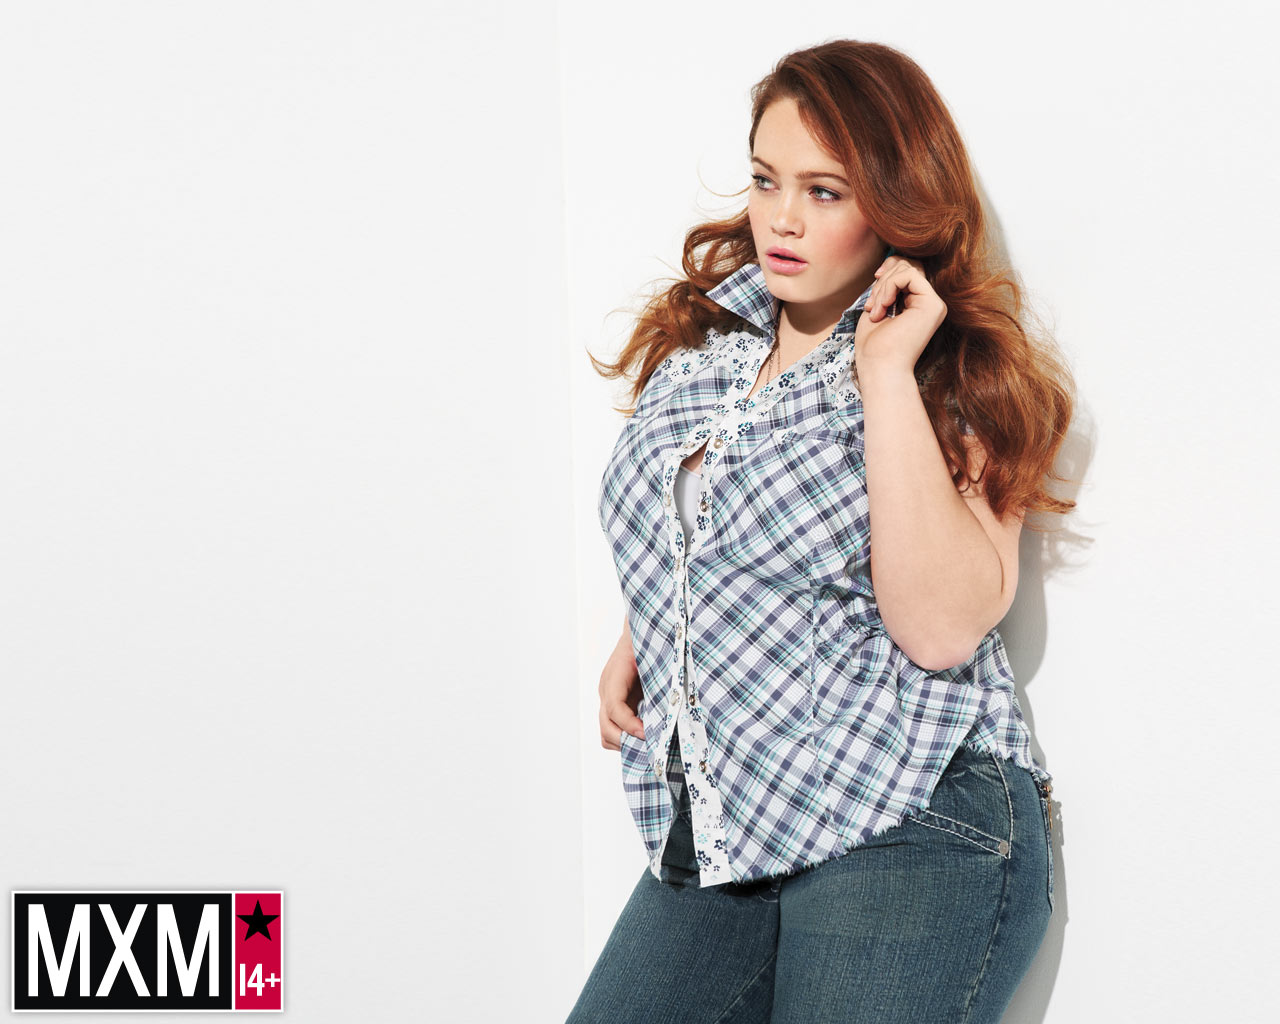 Толстые рыжие женщины 6 фотография